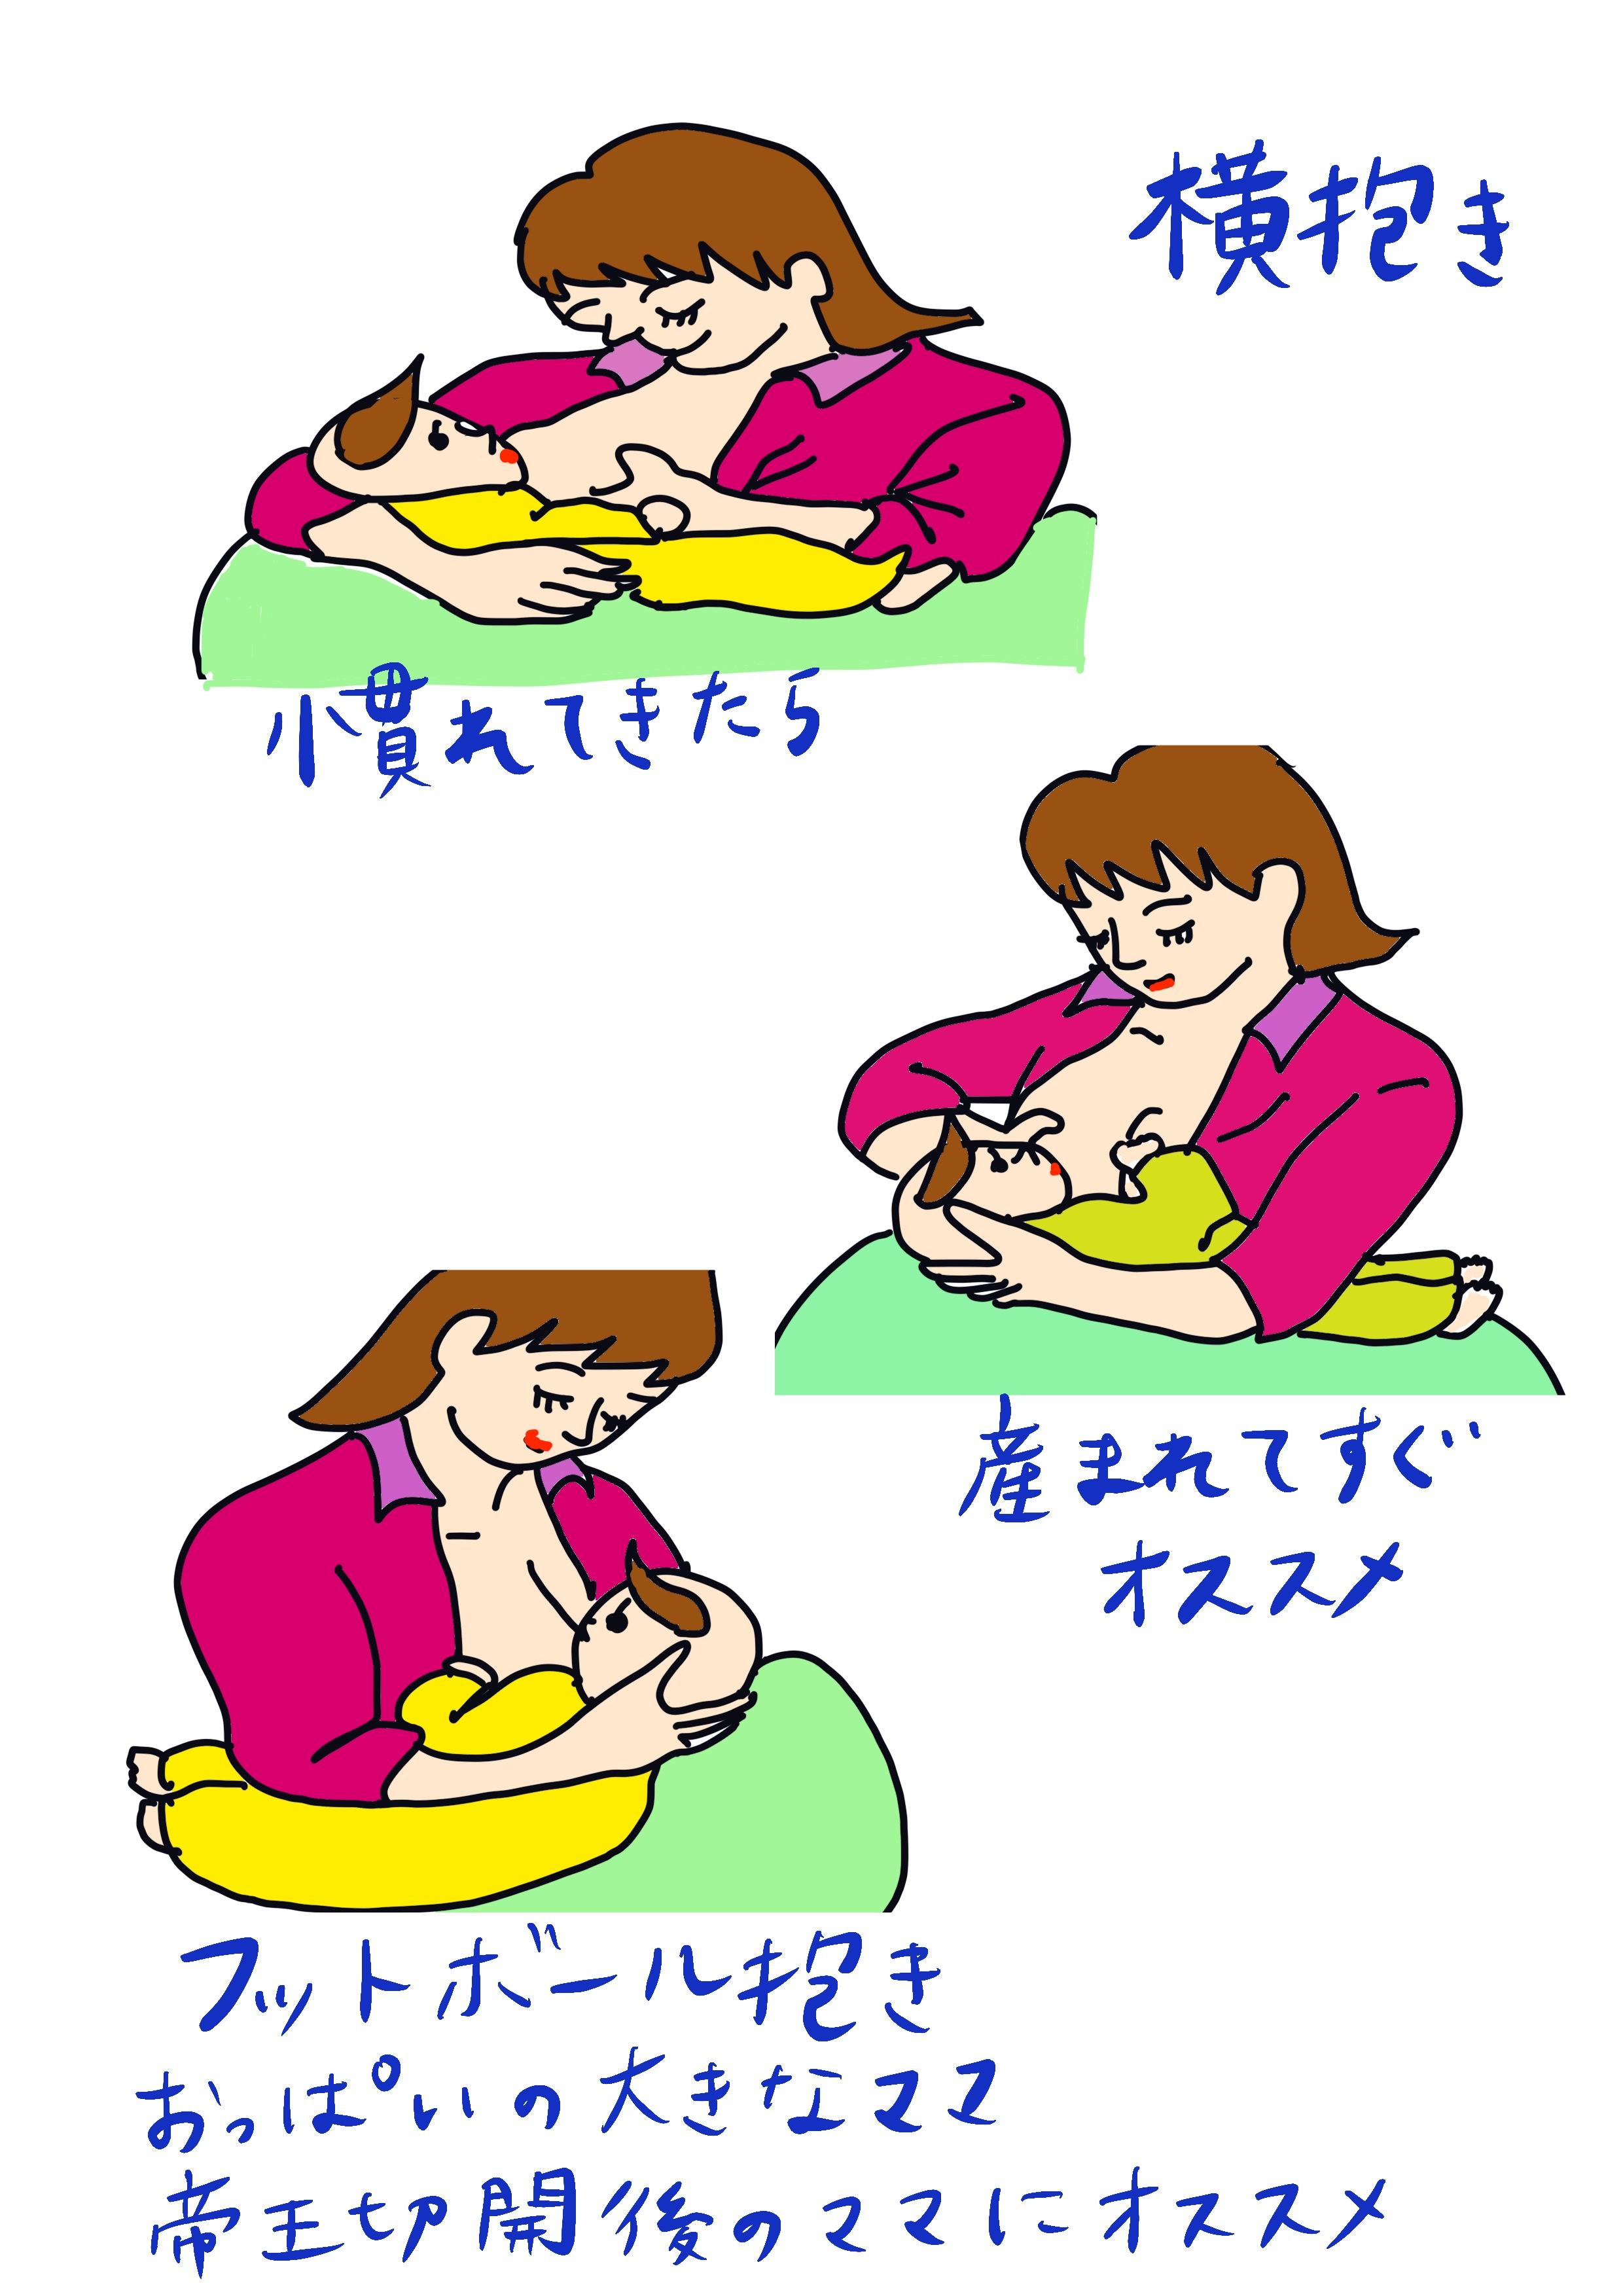 授乳 体勢